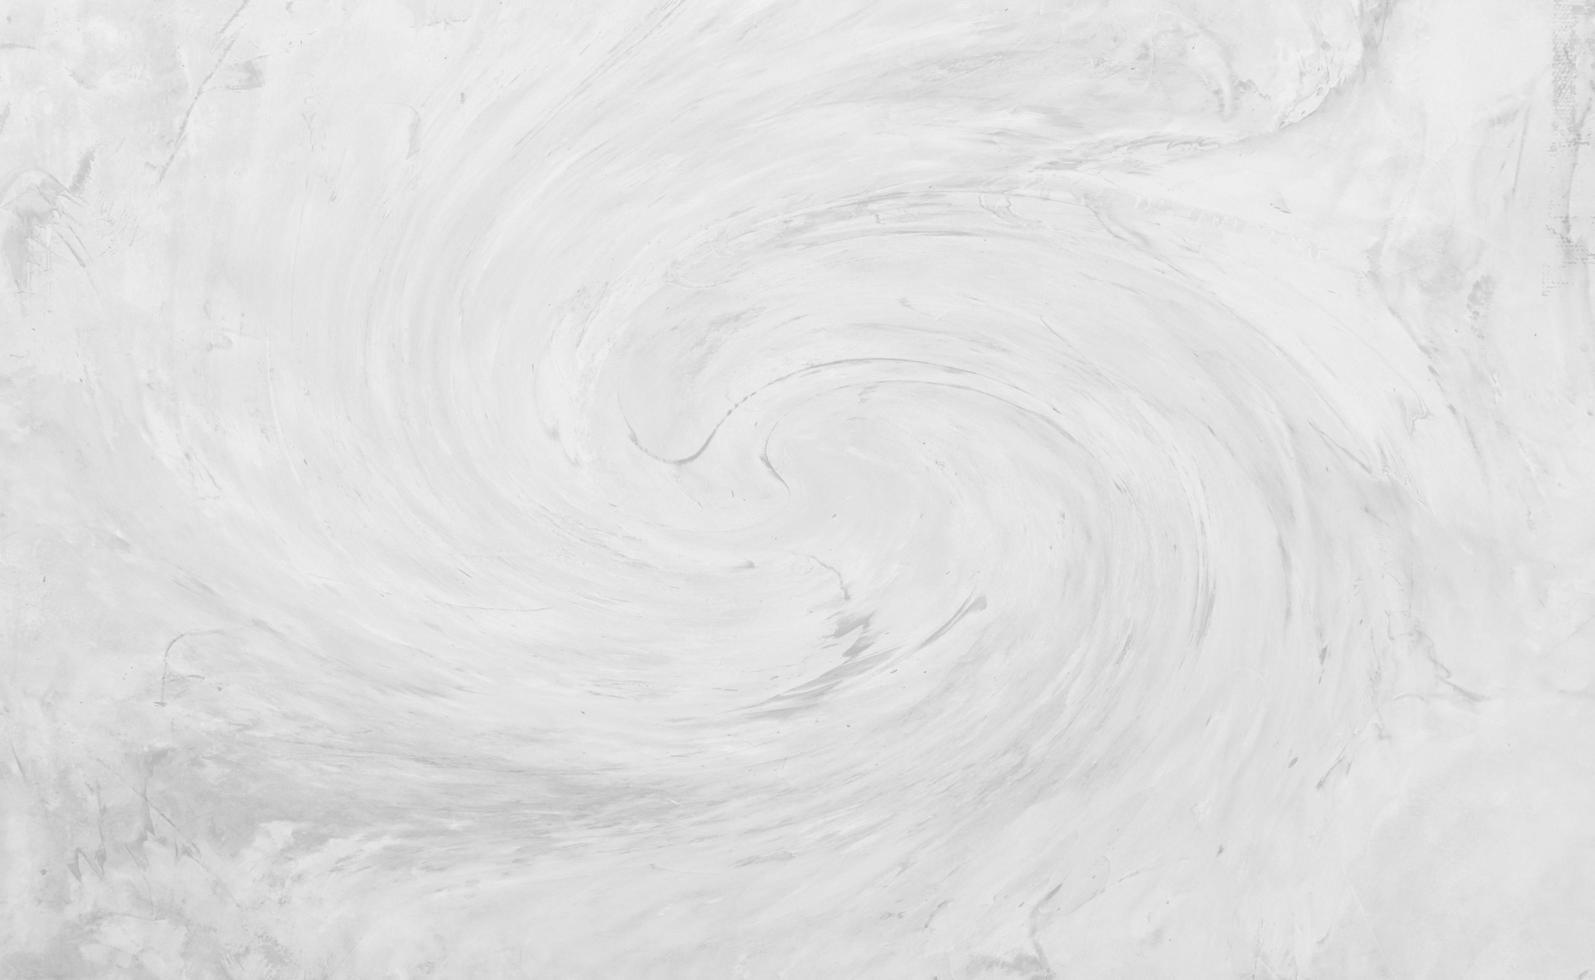 superficie in marmo grigio foto